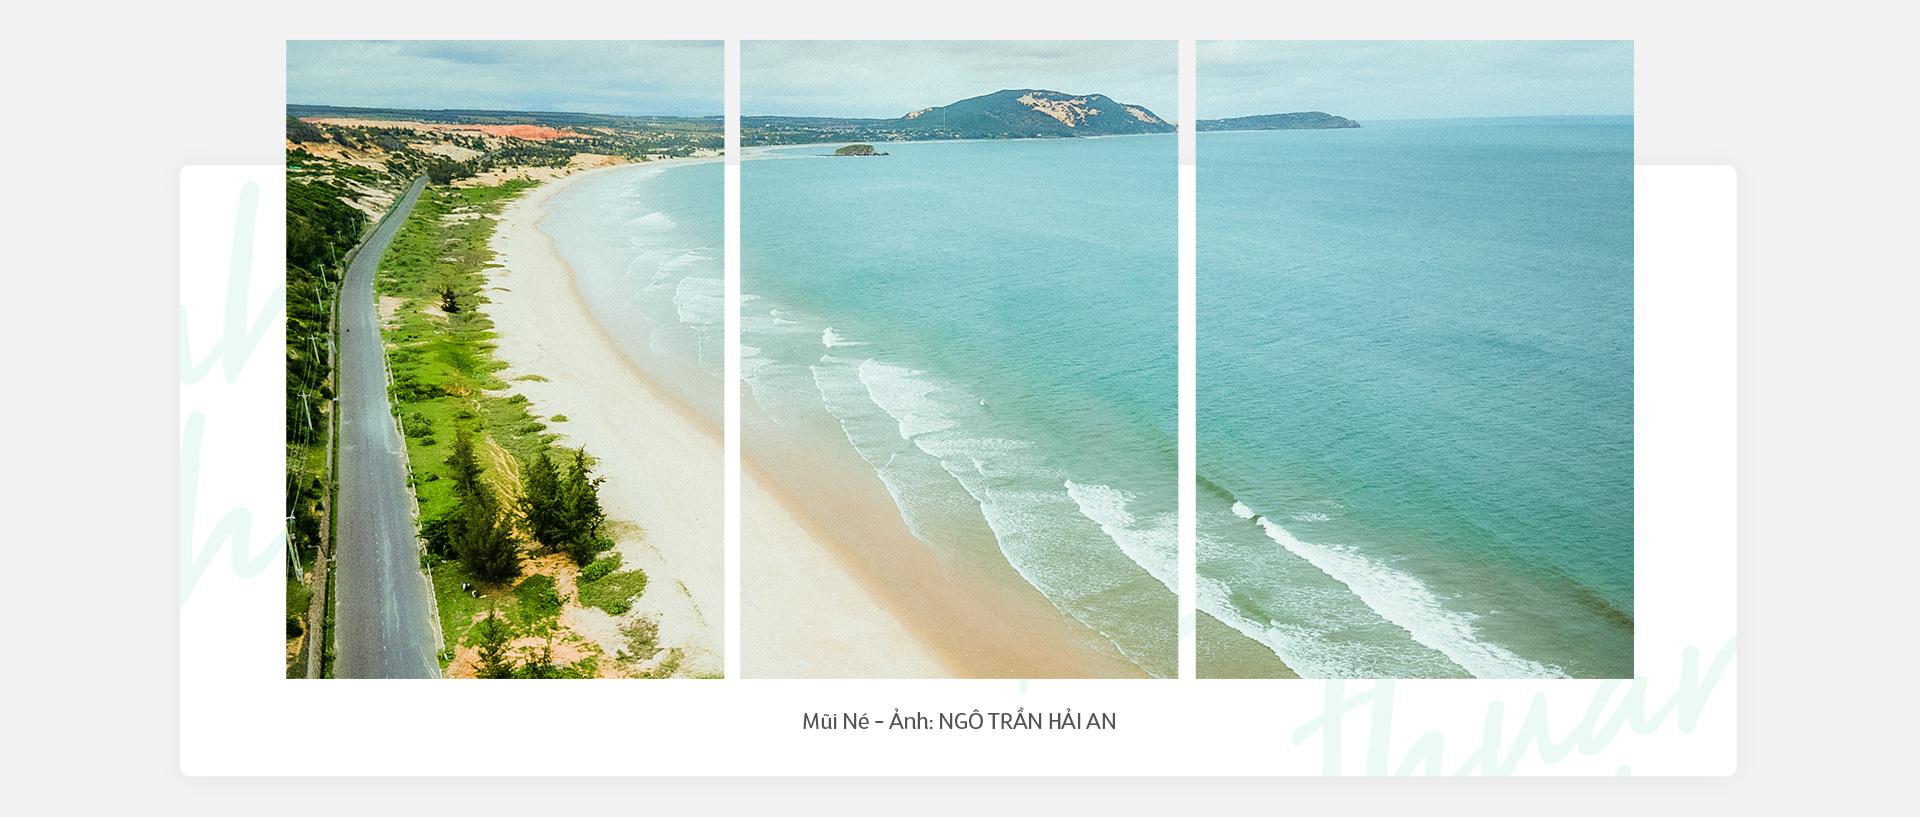 """(Kì 1) mới - Cung đường biển """"5 sao"""": Bình Thuận - Ninh Thuận - Khánh Hòa - Phú Yên - Bình Định - Ảnh 3."""